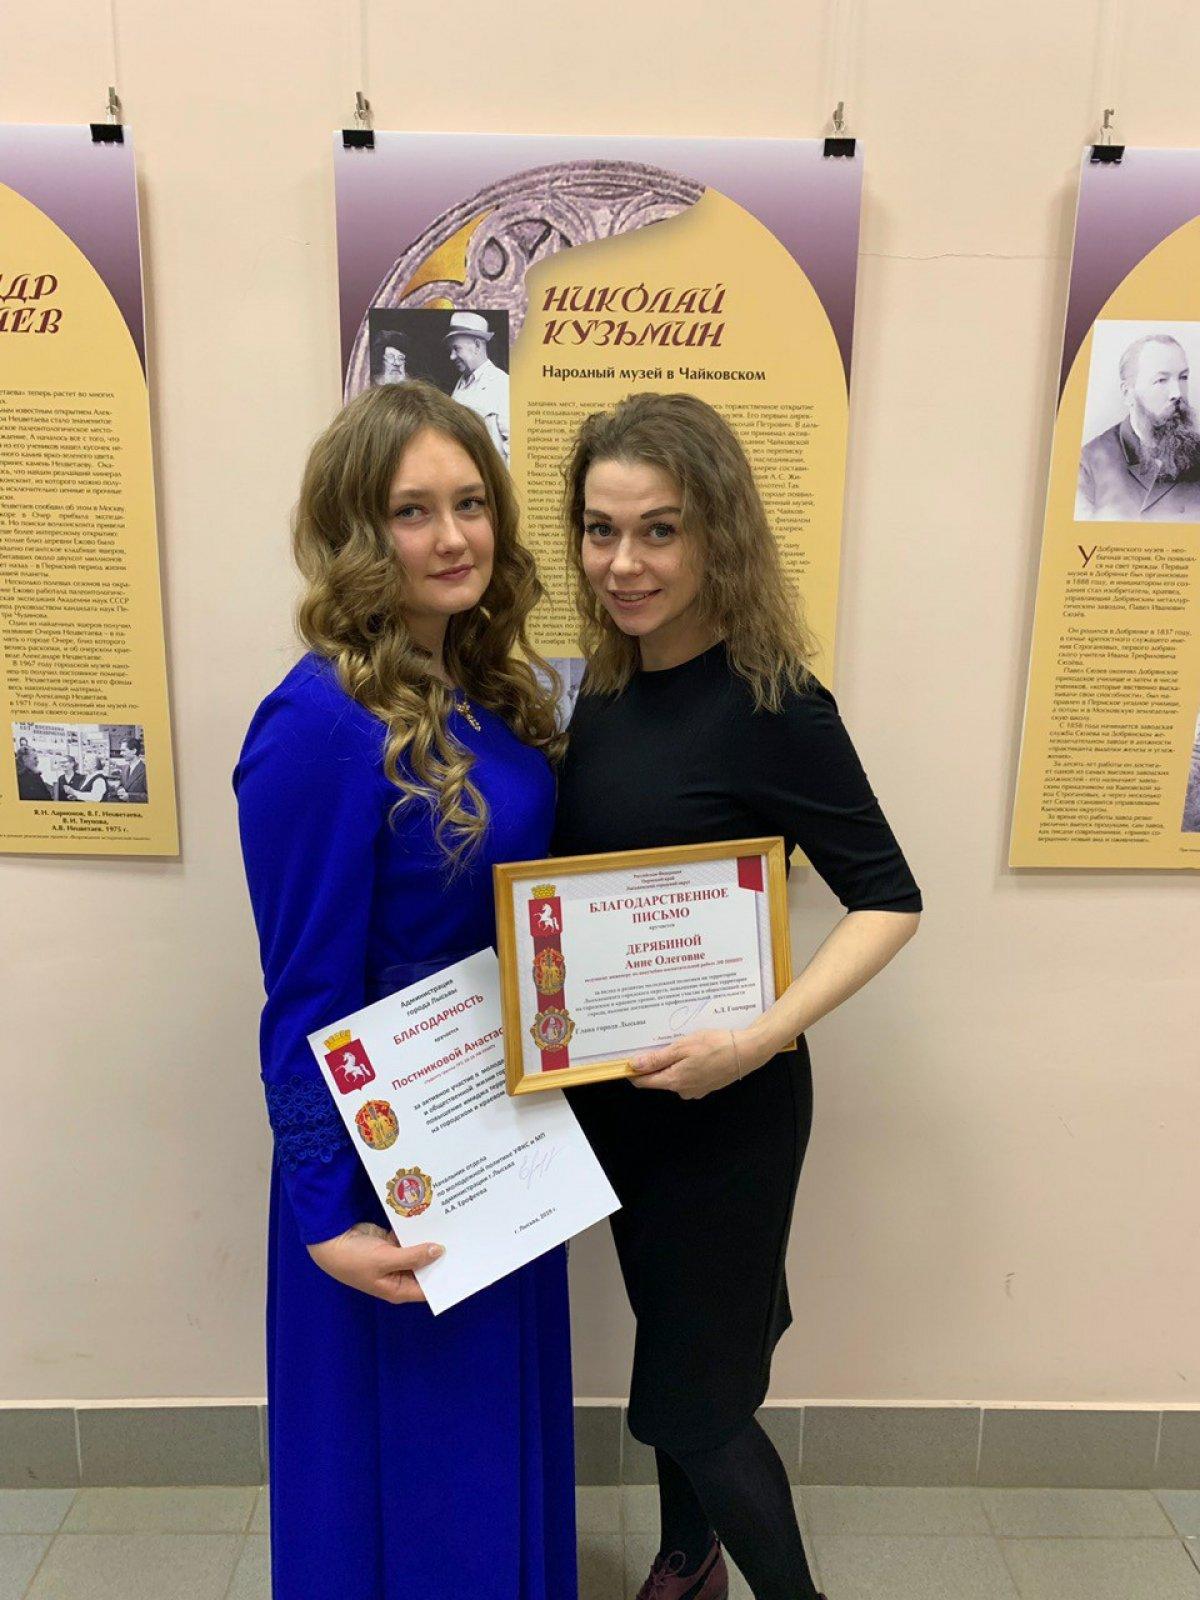 21 декабря состоялось награждение благодарственными письмами и премией активных представителей молодежи по итогам 2019 года. Отбор кандидатов на премию проводился по бальной системе конкурсной комиссией